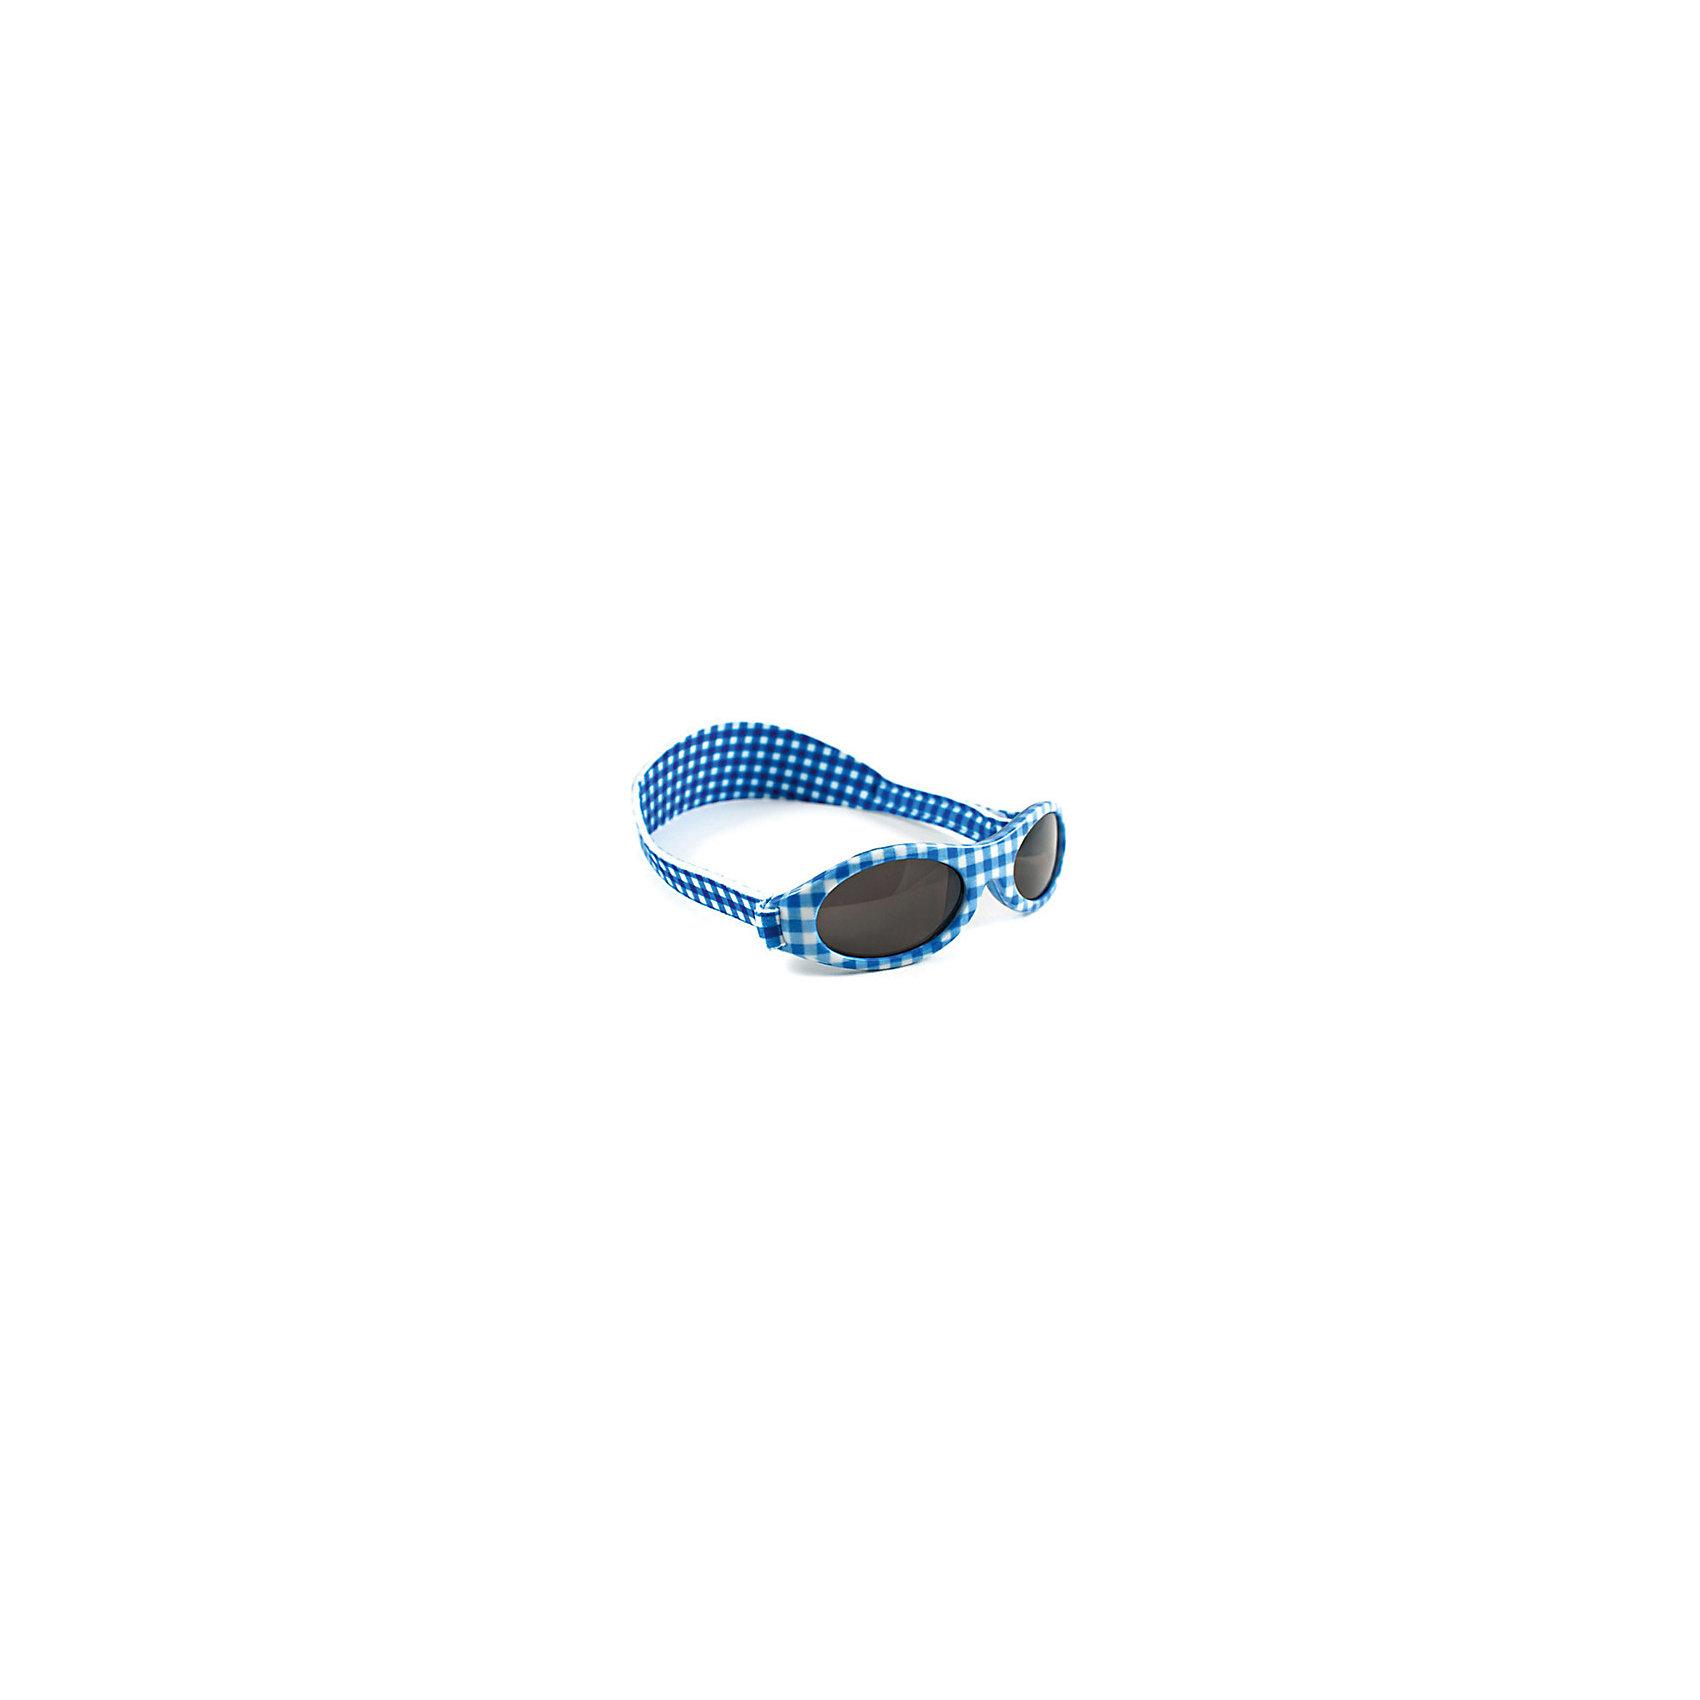 Солнцезащитные очки, голубая клетка, Baby BanzАксессуары<br><br><br>Ширина мм: 130<br>Глубина мм: 50<br>Высота мм: 40<br>Вес г: 40<br>Возраст от месяцев: 24<br>Возраст до месяцев: 108<br>Пол: Унисекс<br>Возраст: Детский<br>SKU: 3952251